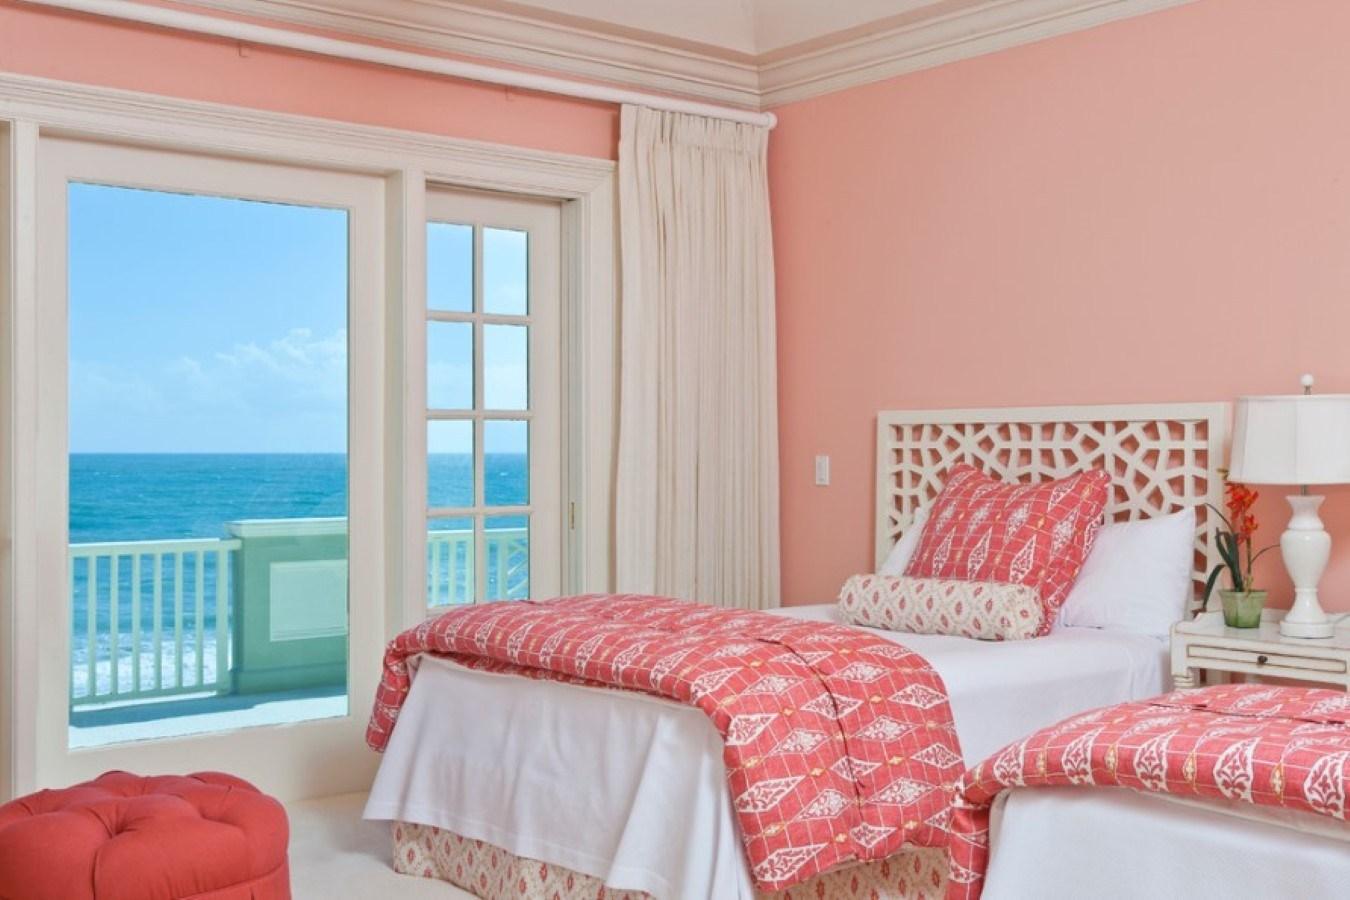 шторы стены розовые фото